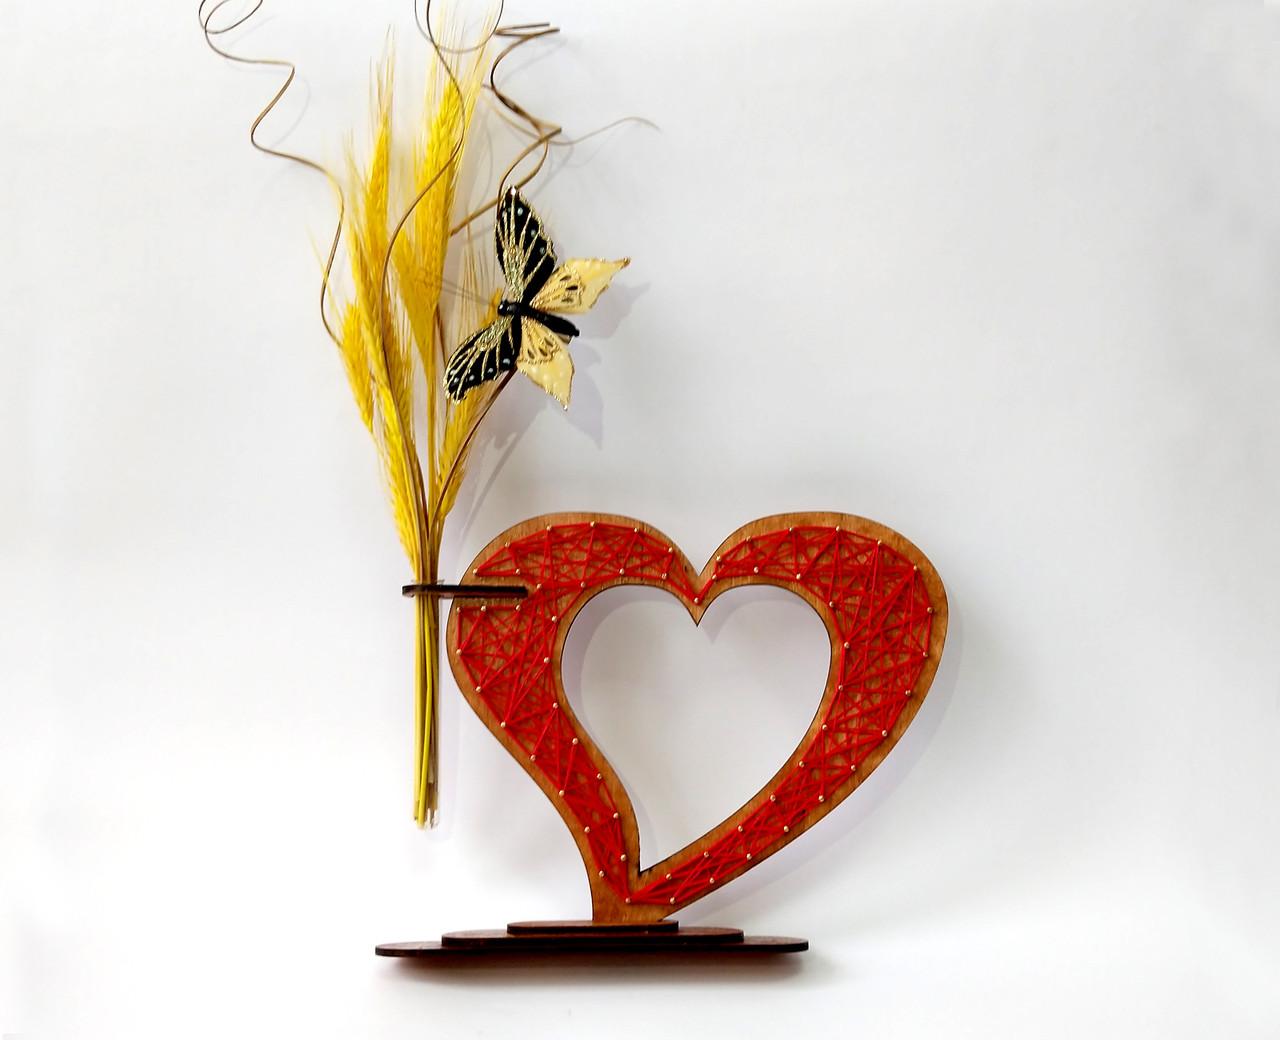 Дерев'яна ваза із візерунком стрінг - арт «Серце»: найкращий подарунок для коханої людини